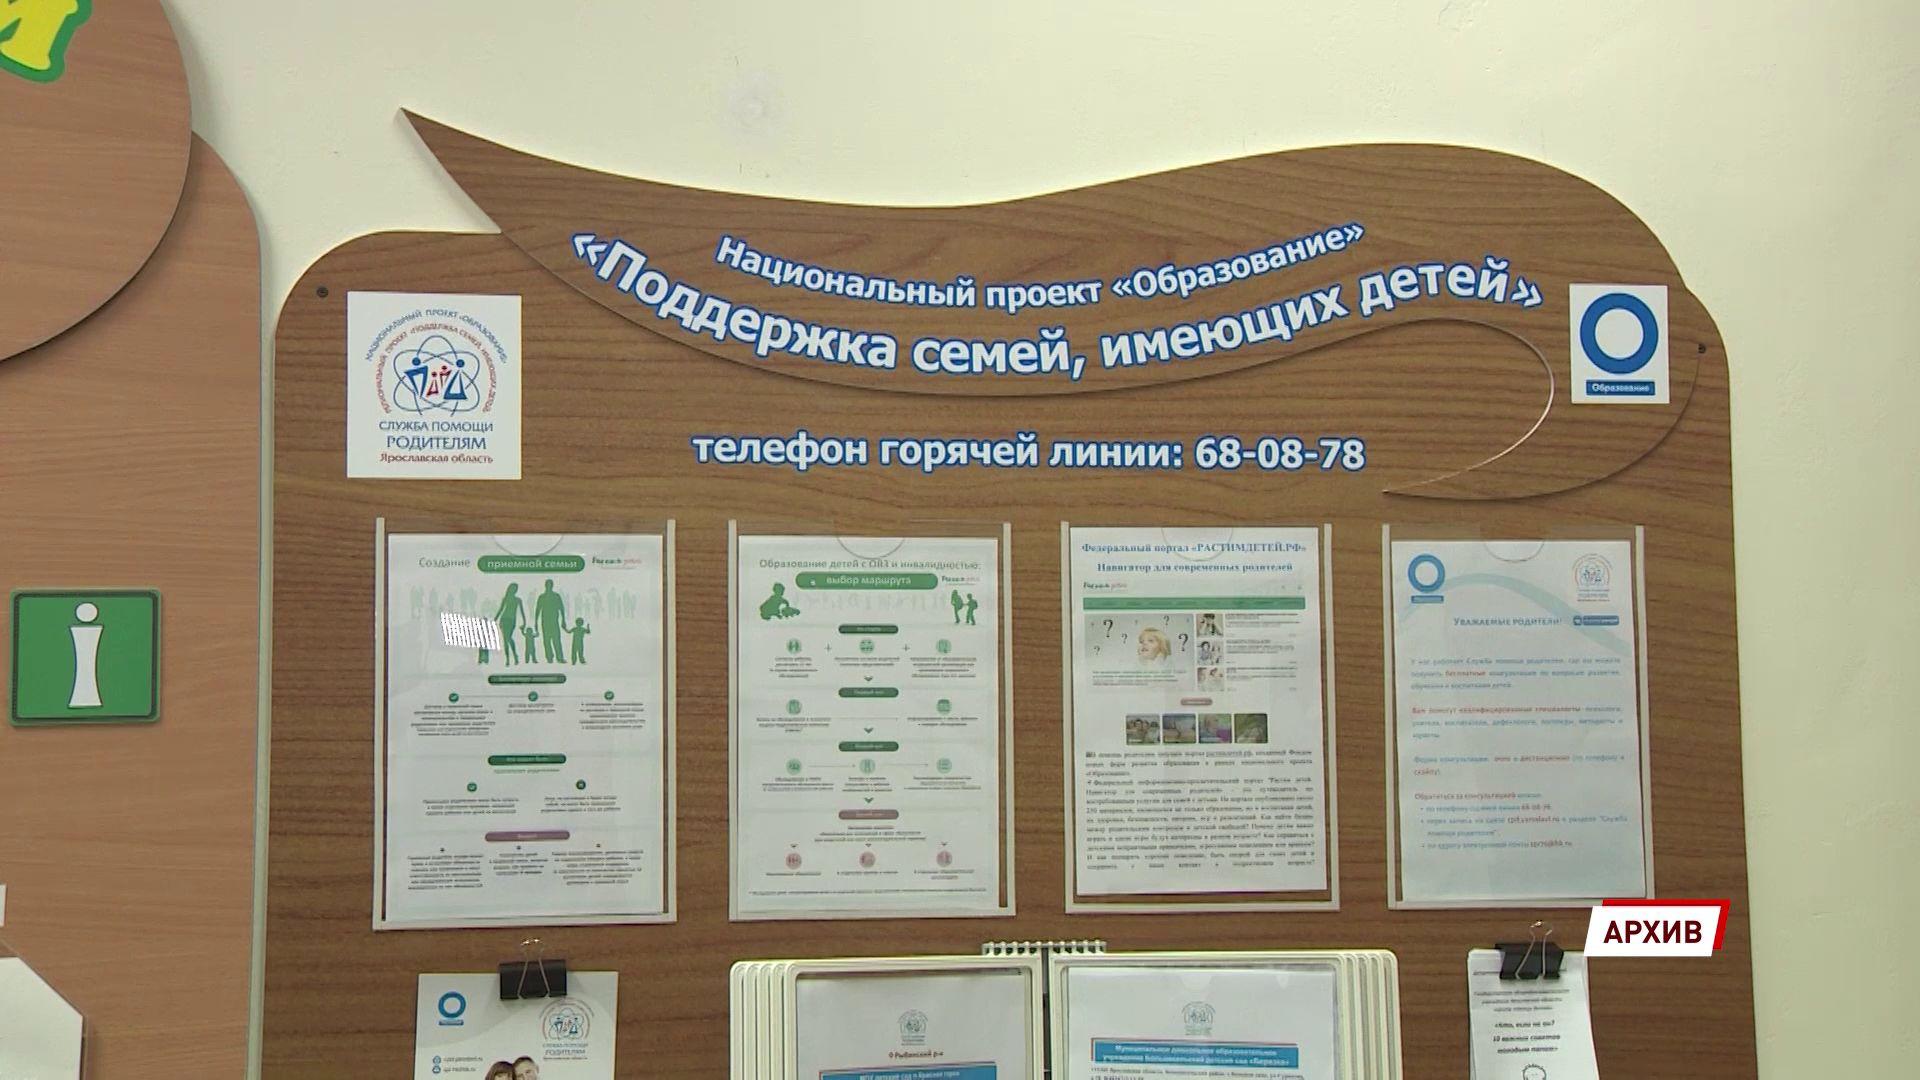 Ярославская область направила заявку для участия в конкурсе в рамках проекта «Поддержка семей, имеющих детей»